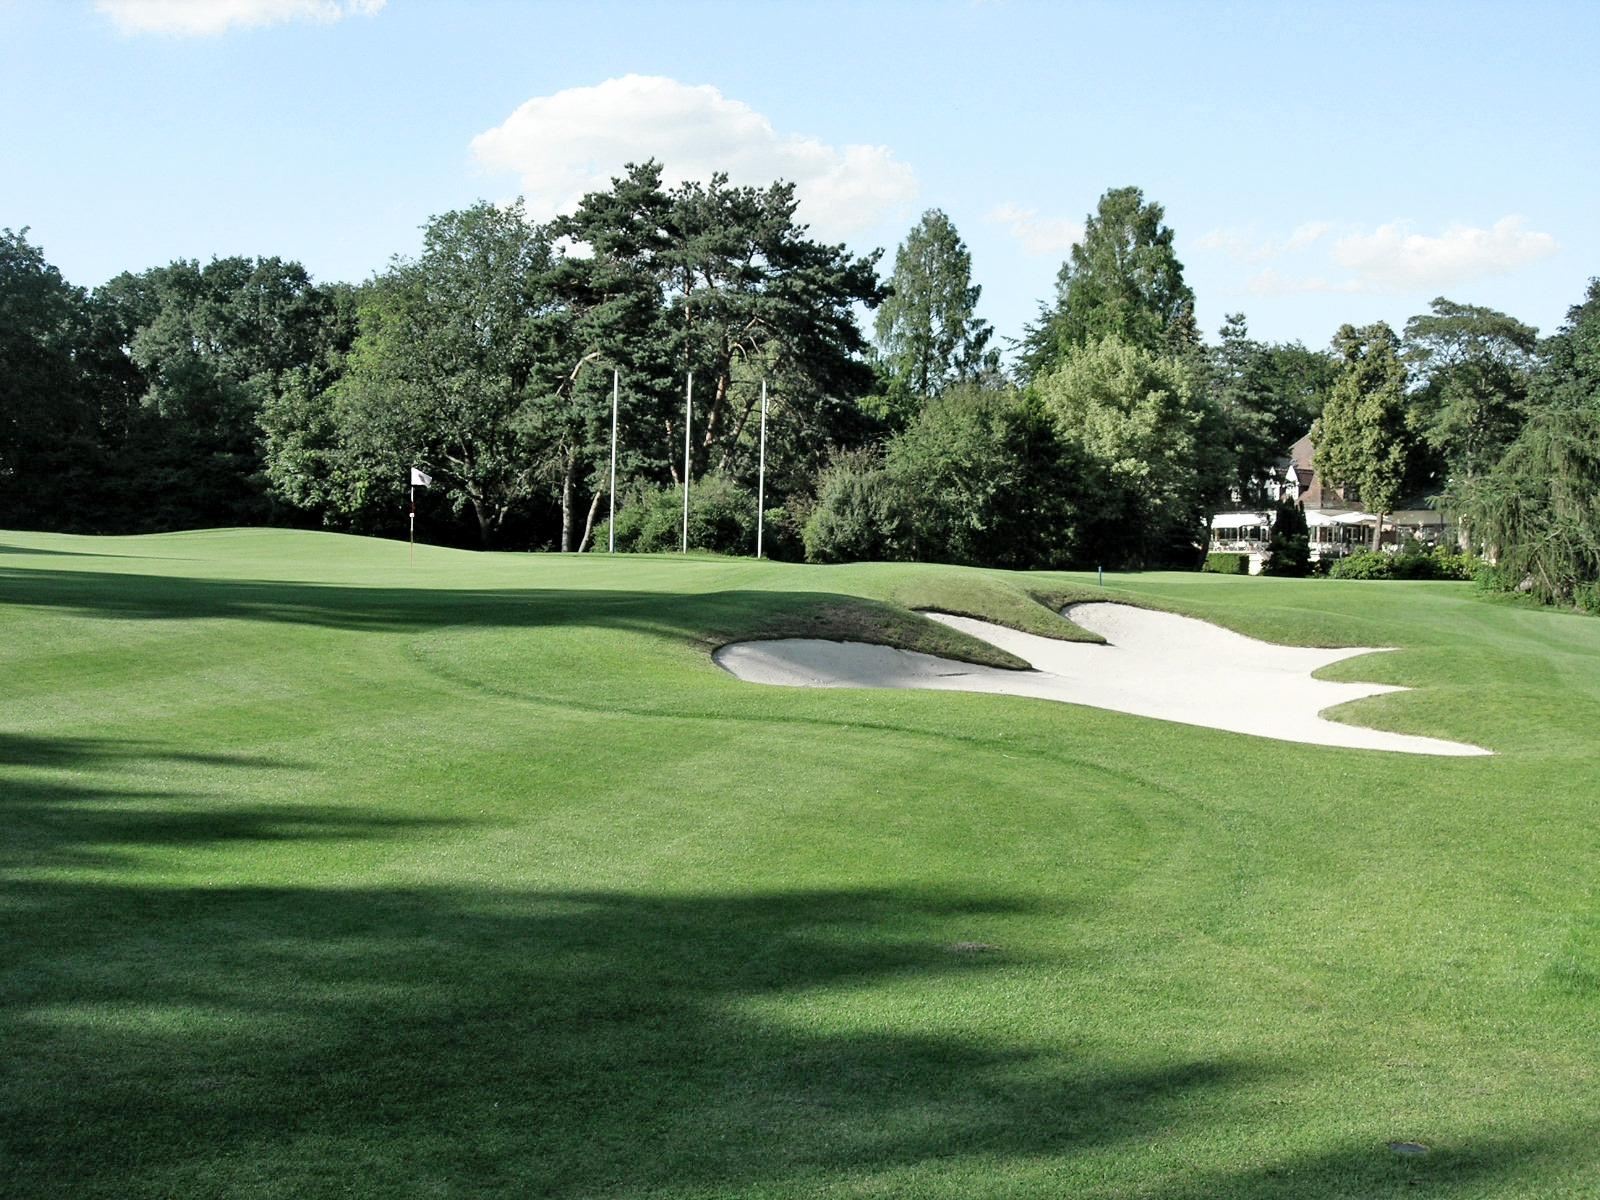 Frankfurter_Golf_Club_1